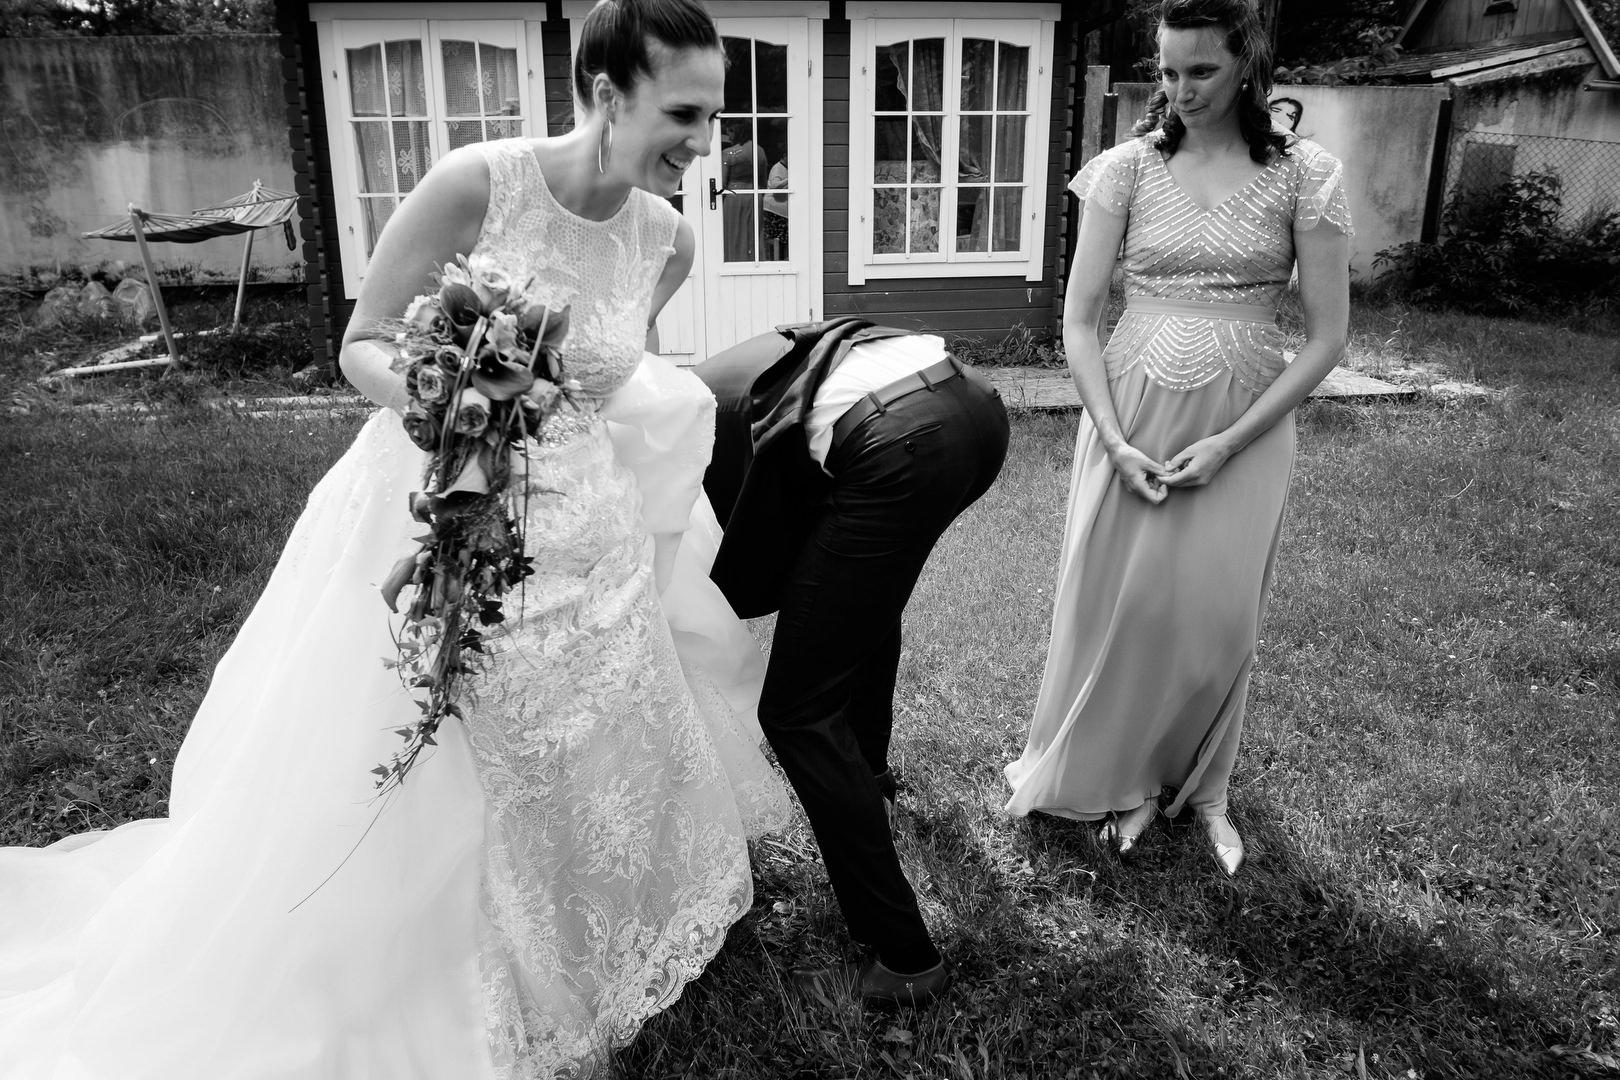 Hochzeit in Perchtoldsdorf: Maria + Emanuel Hochzeit  Hochzeitstag Hochzeitslocation Hochzeitsfotograf Österreich Hochzeit in Wien Hochzeit im Freien Hochzeit beim Heurigen fotoreportage boho wedding Boho Hochzeit